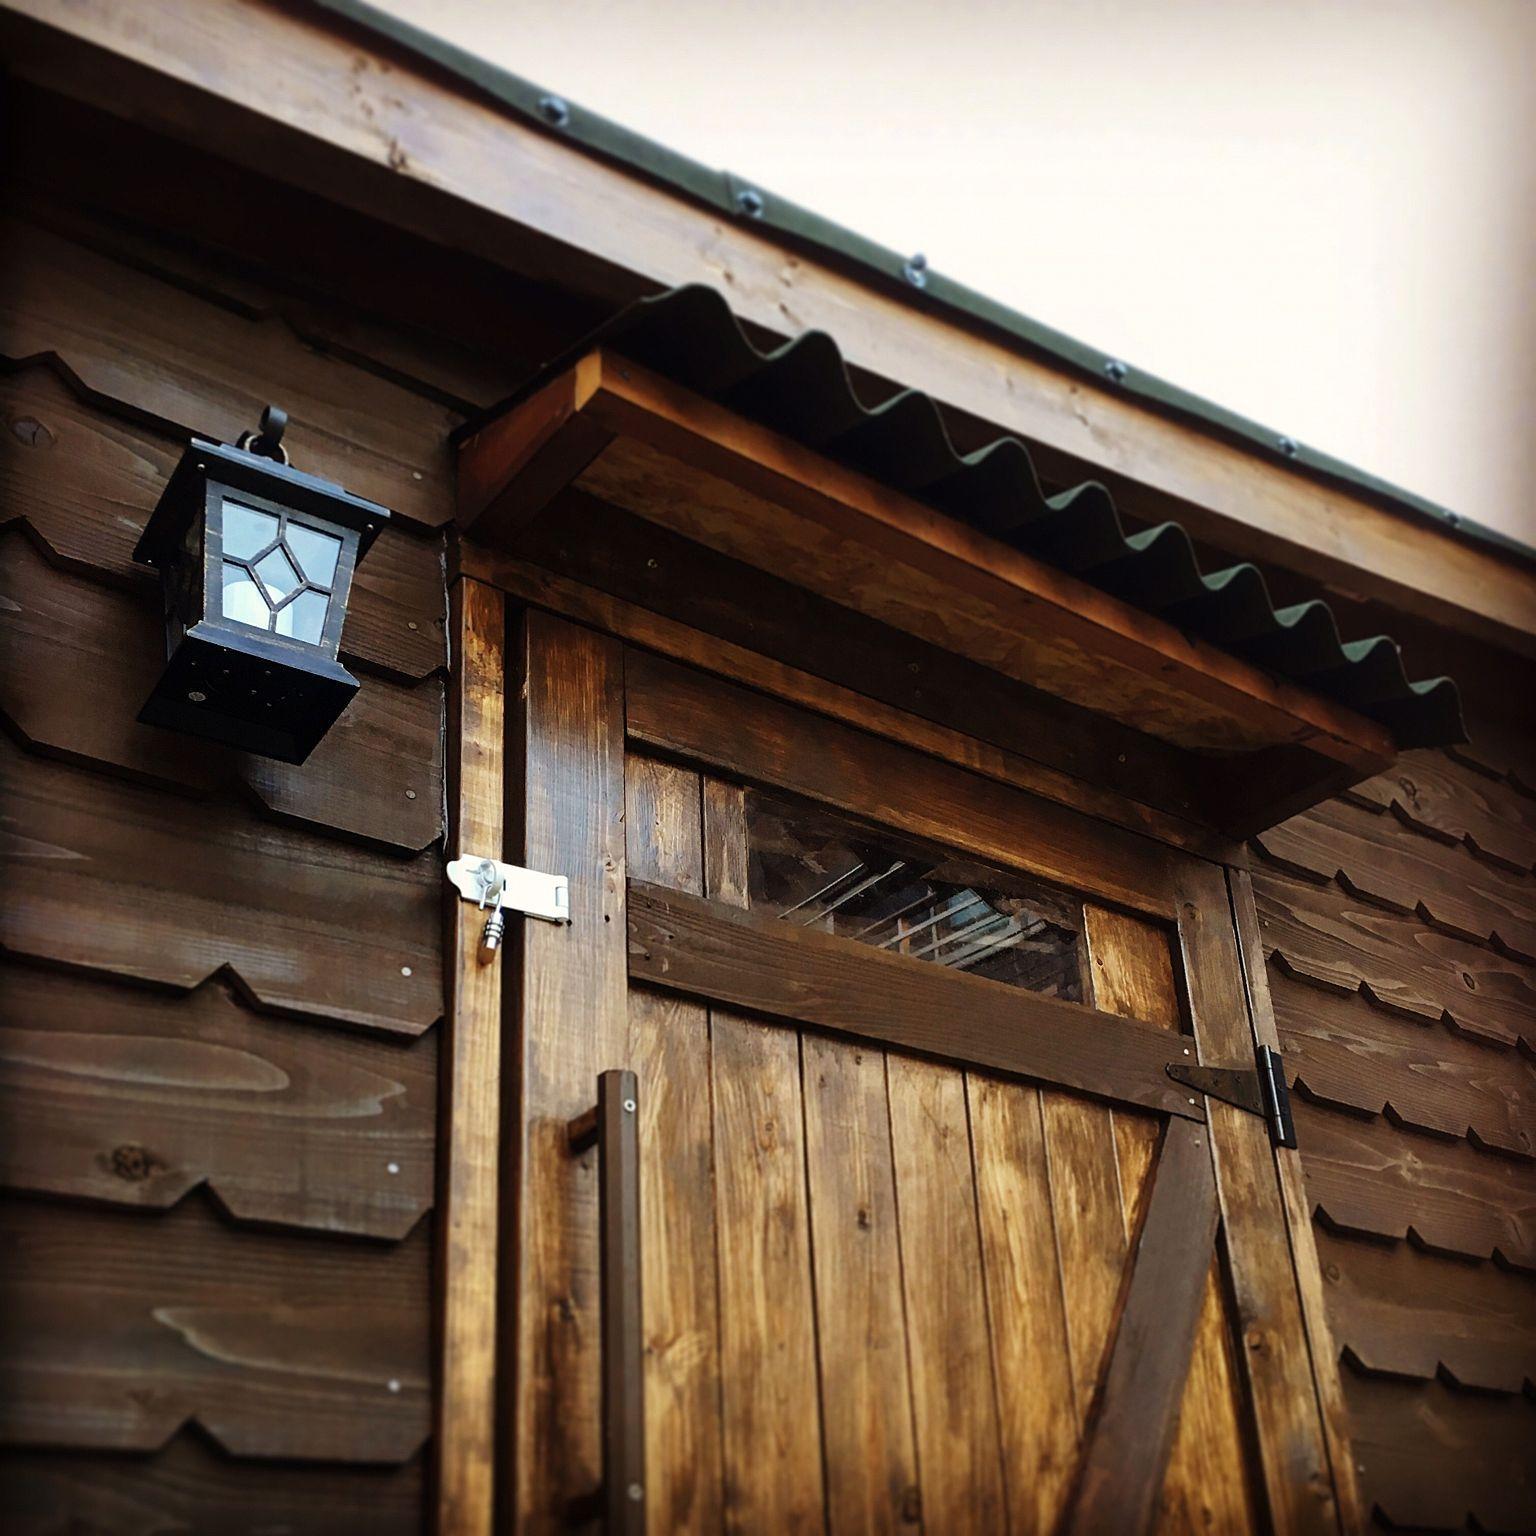 玄関 入り口 ビンテージ 照明 ランタン 小屋 などのインテリア実例